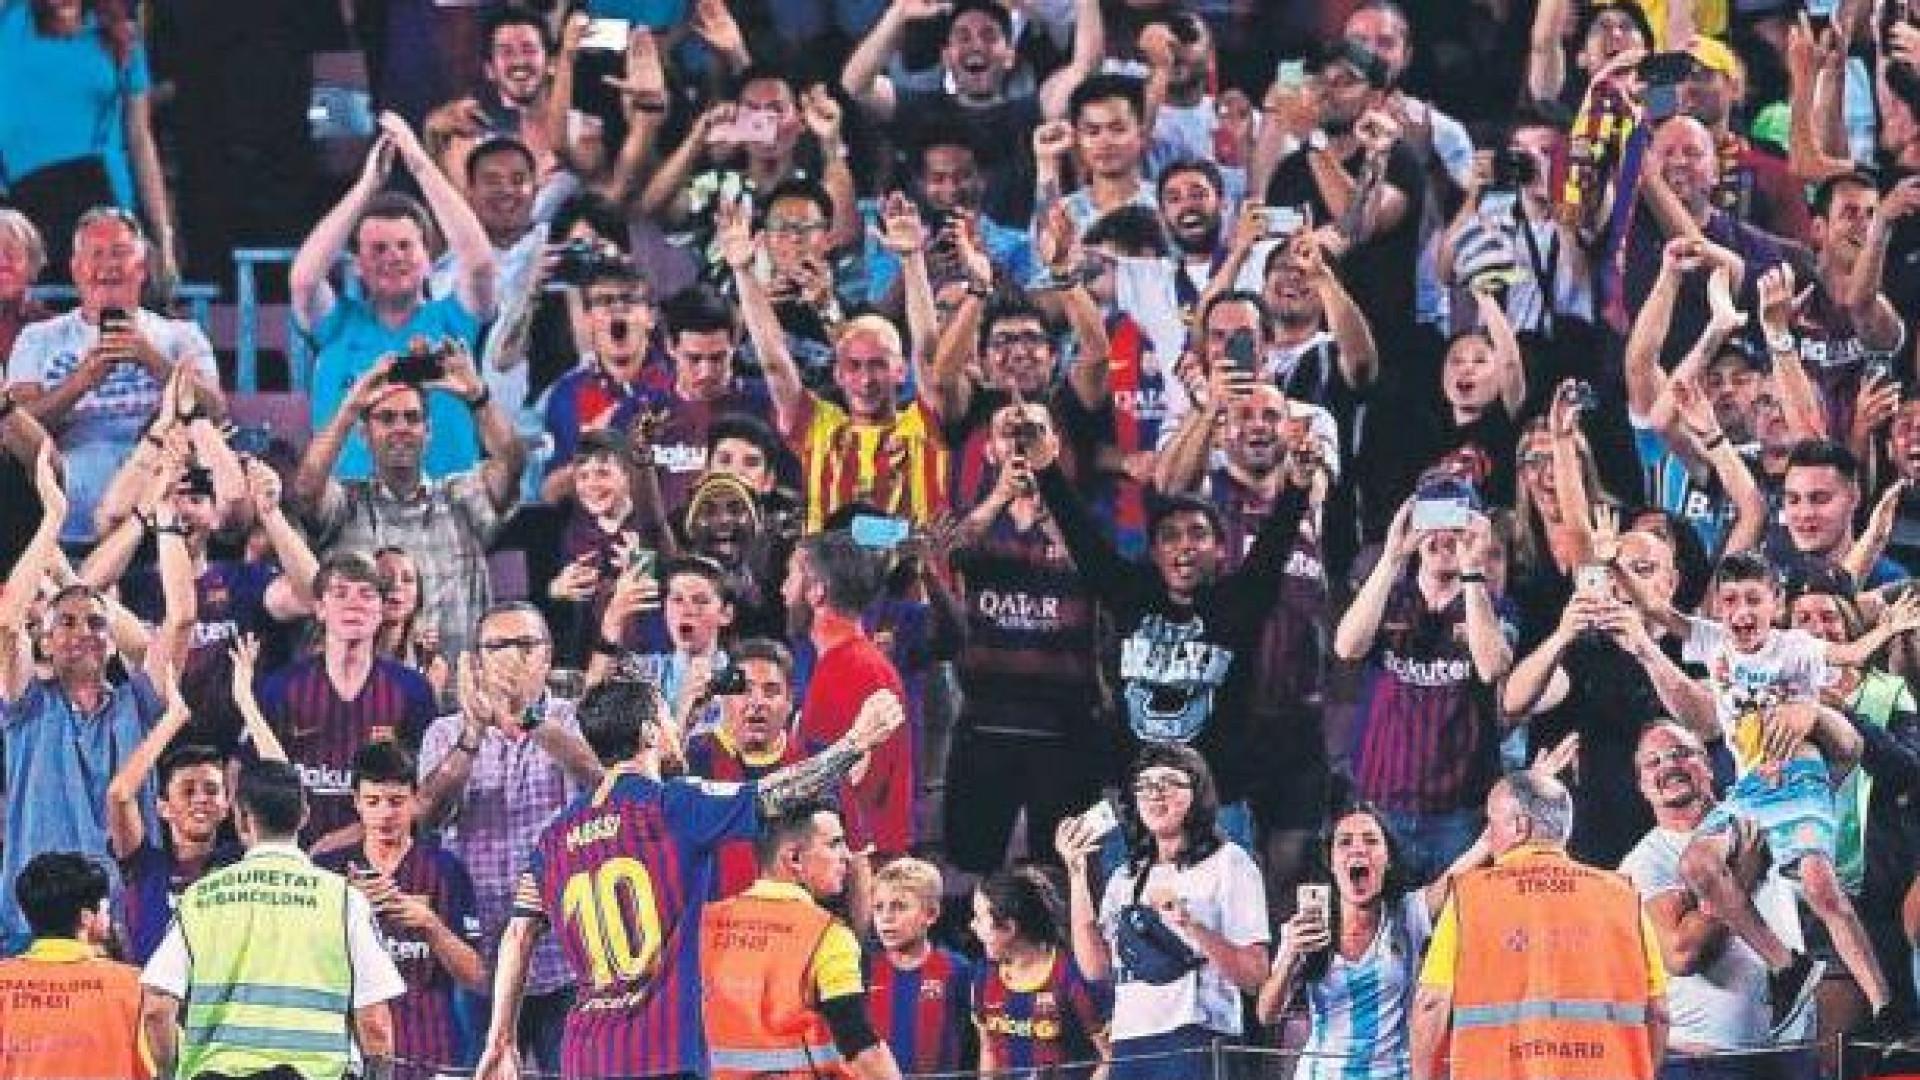 Lá fora: A estreia deCR7, o génio de Messi e as palavras duras de Mou